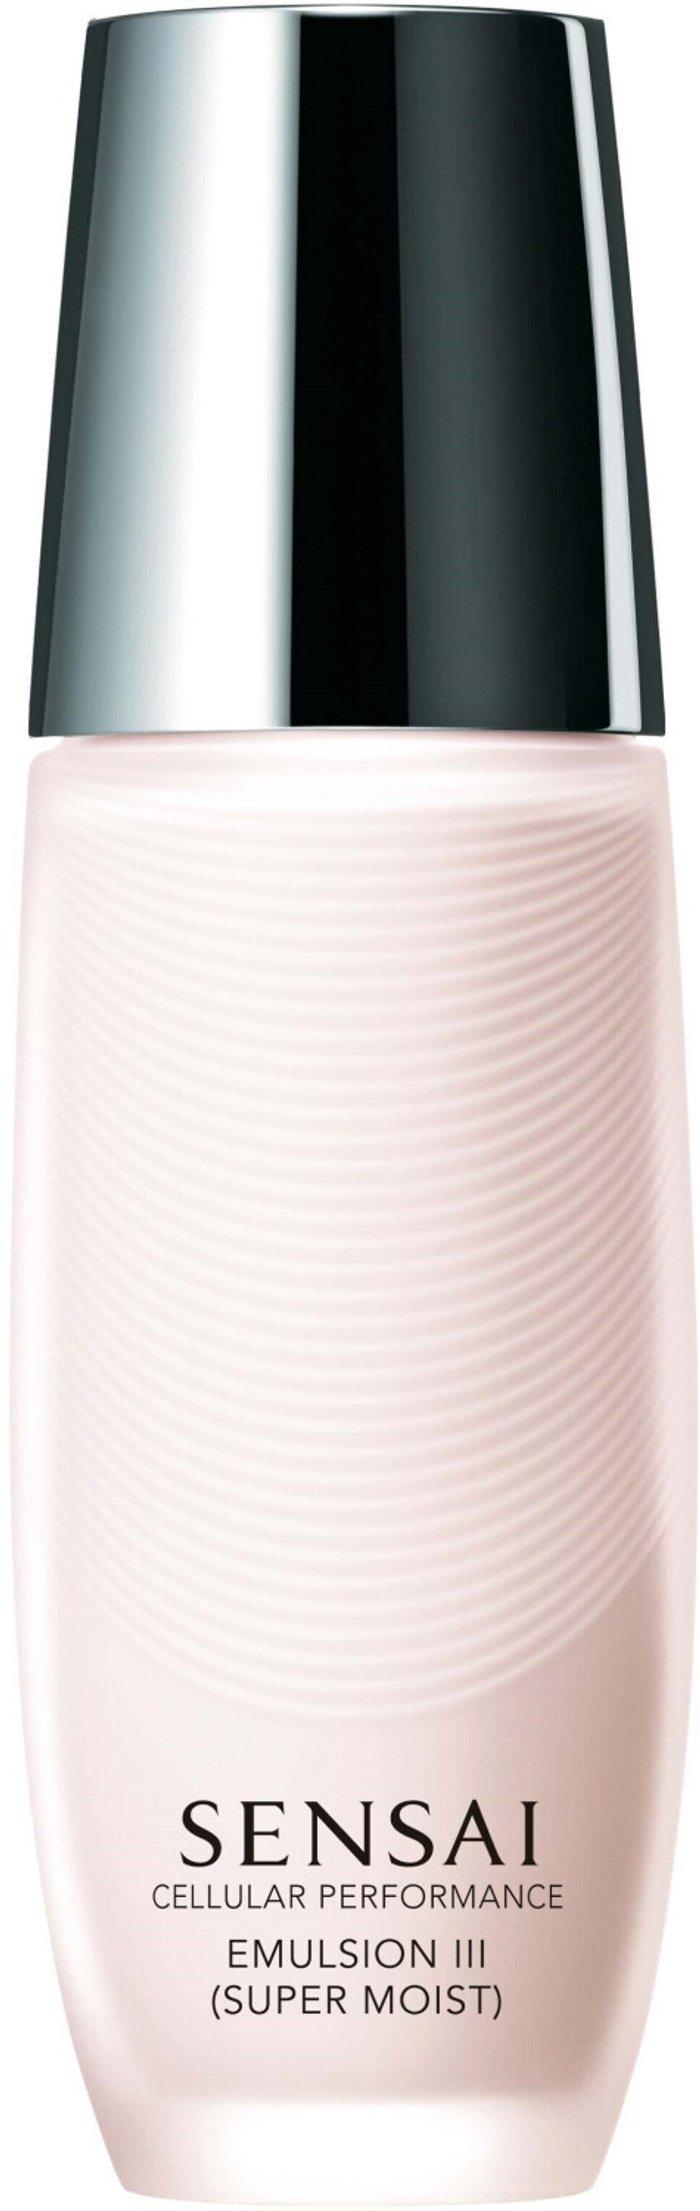 Kanebo Kanebo Sensai Cellular Performance Emulsion III (Super Moist) (100ml)